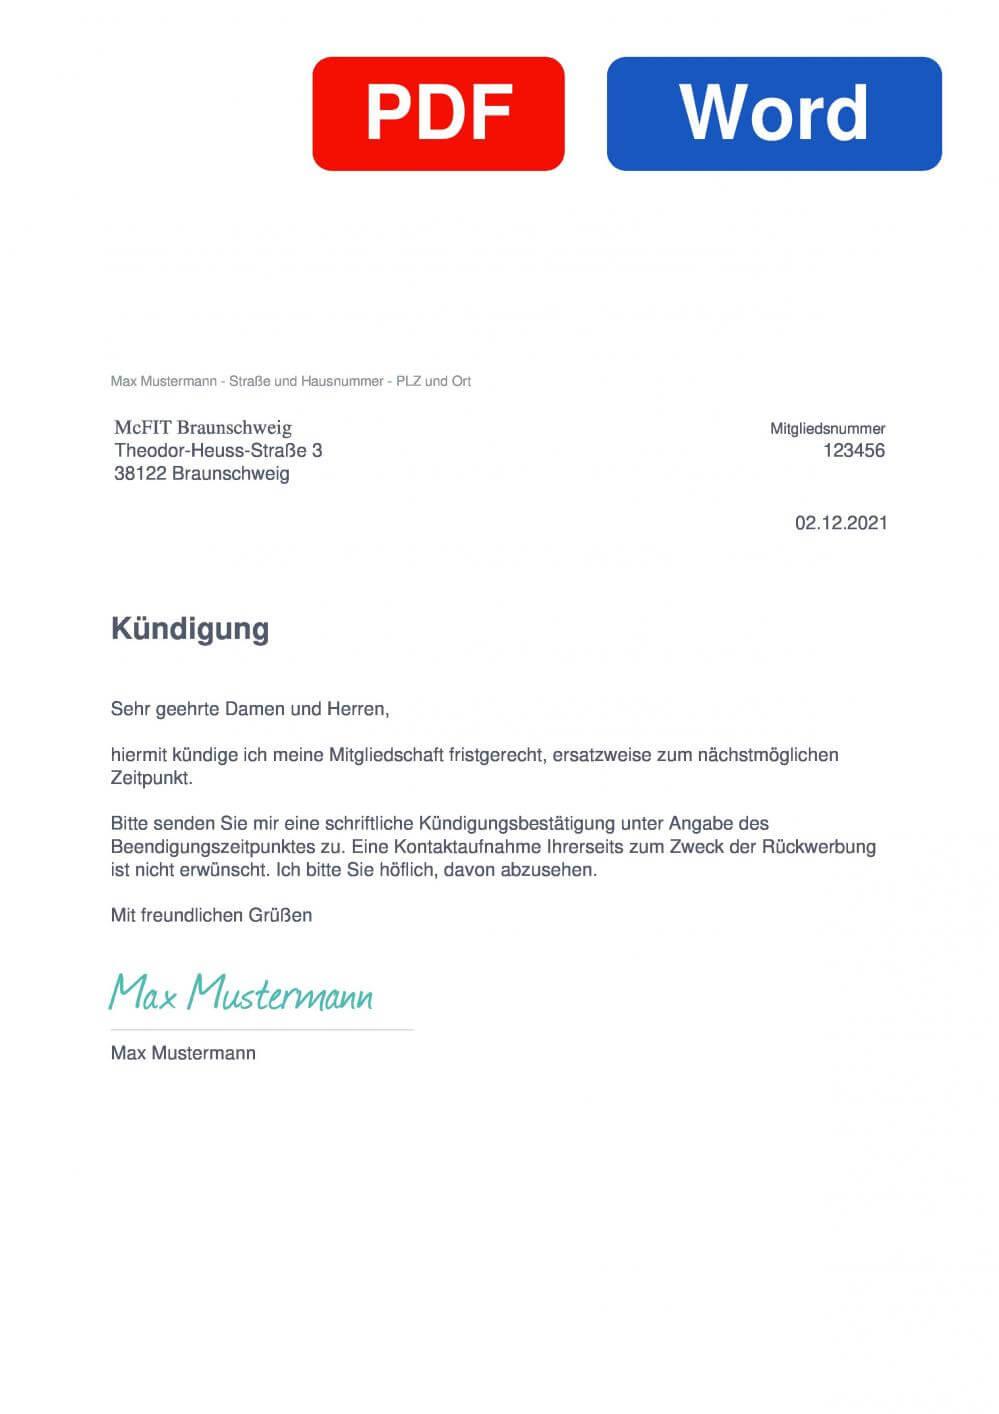 McFIT Braunschweig Muster Vorlage für Kündigungsschreiben